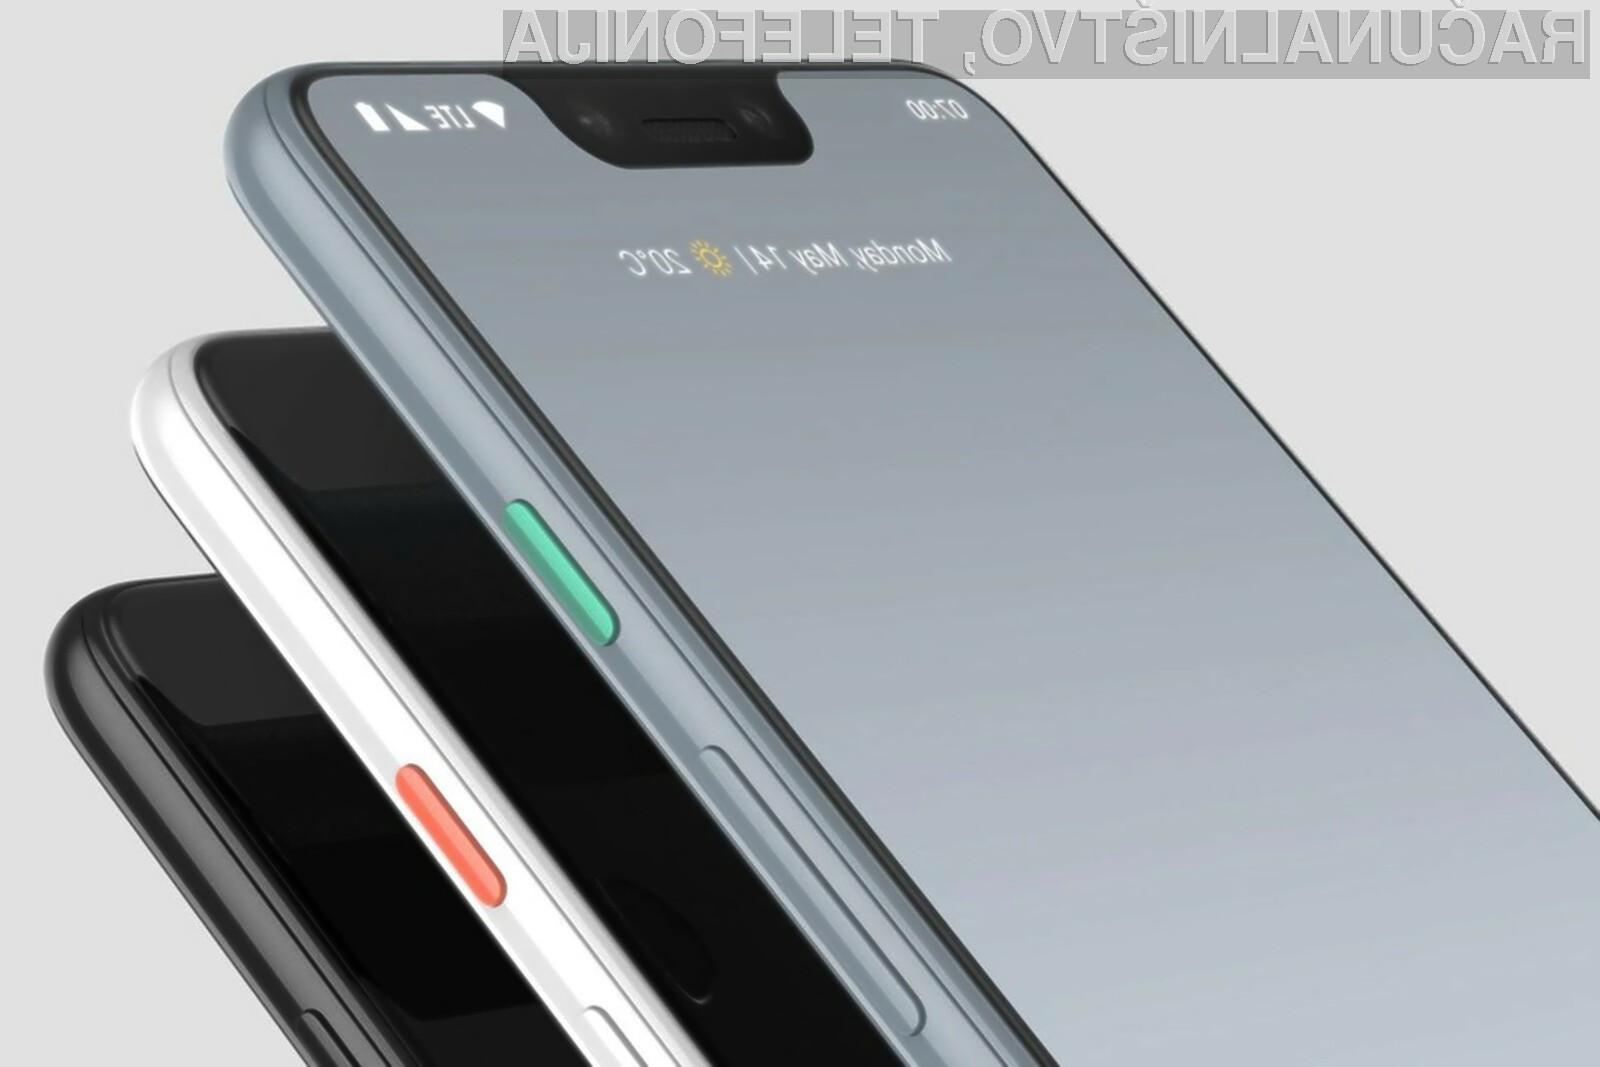 Nova generacija pametnih mobilnih telefonov Google Pixel naj bi bila nared za prodajo še pred poletjem.